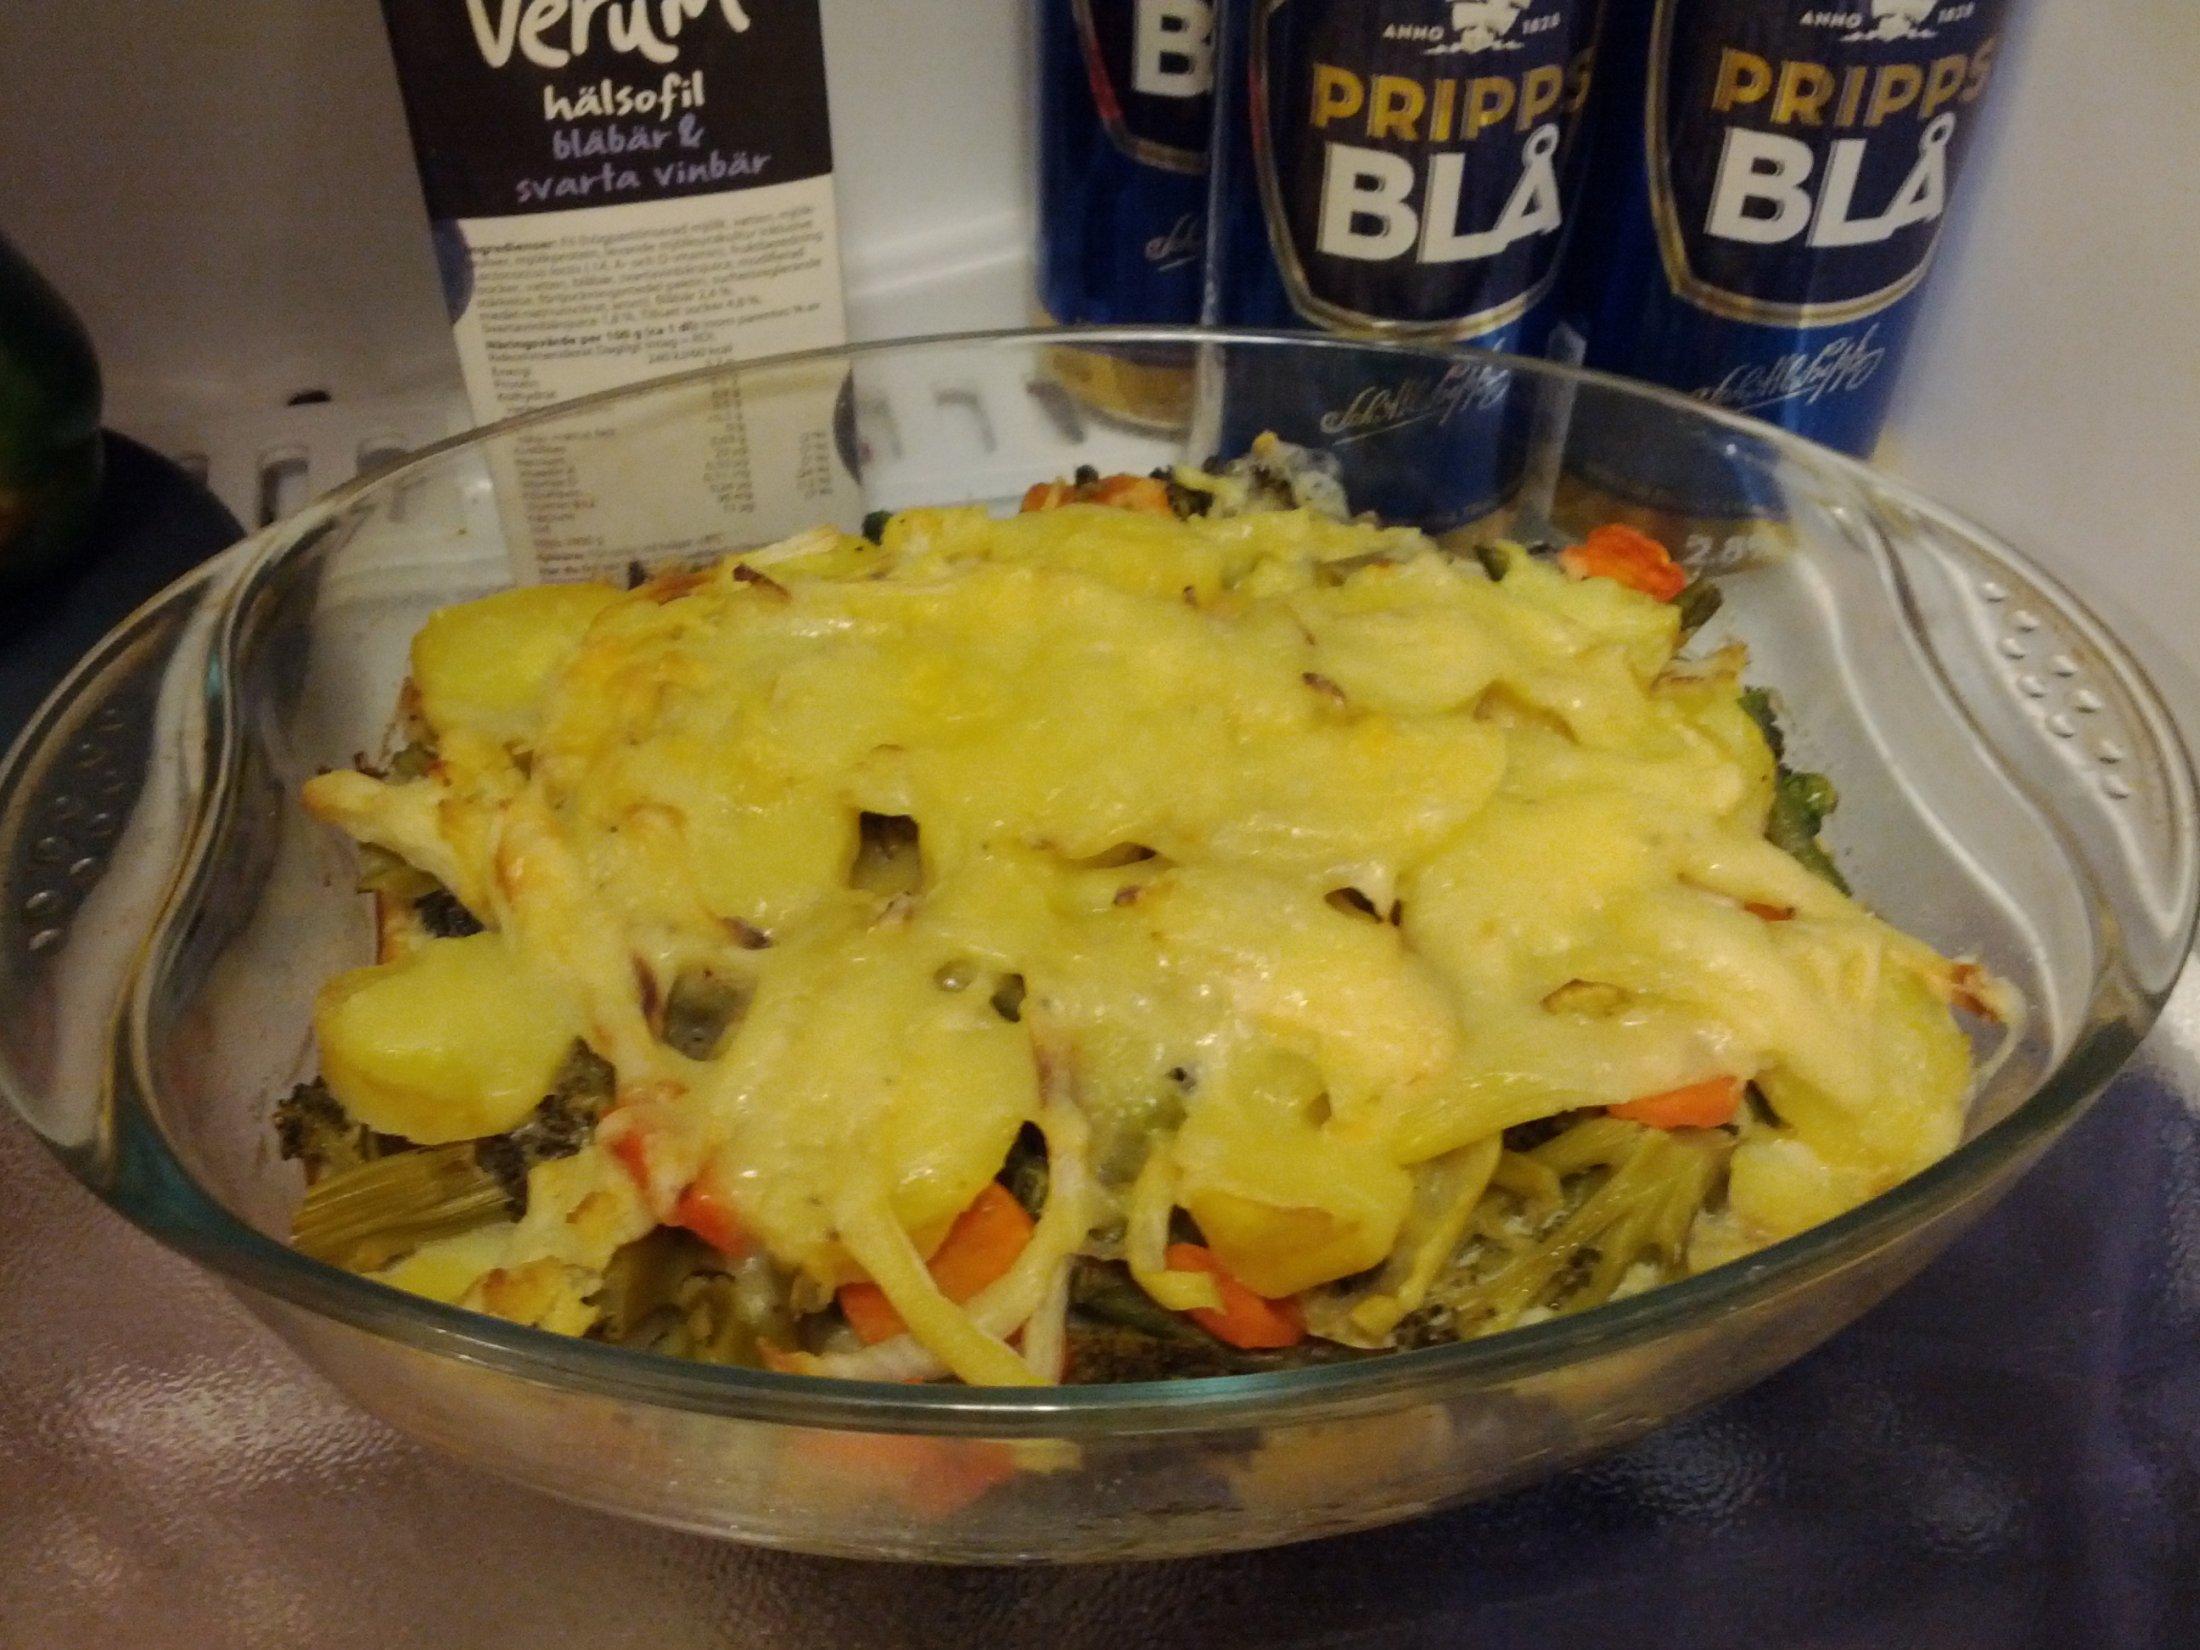 Recept Brokolice s brambory - Brokolice s brambory...spolu s pivem v pozadi to byl vynikajici obed...